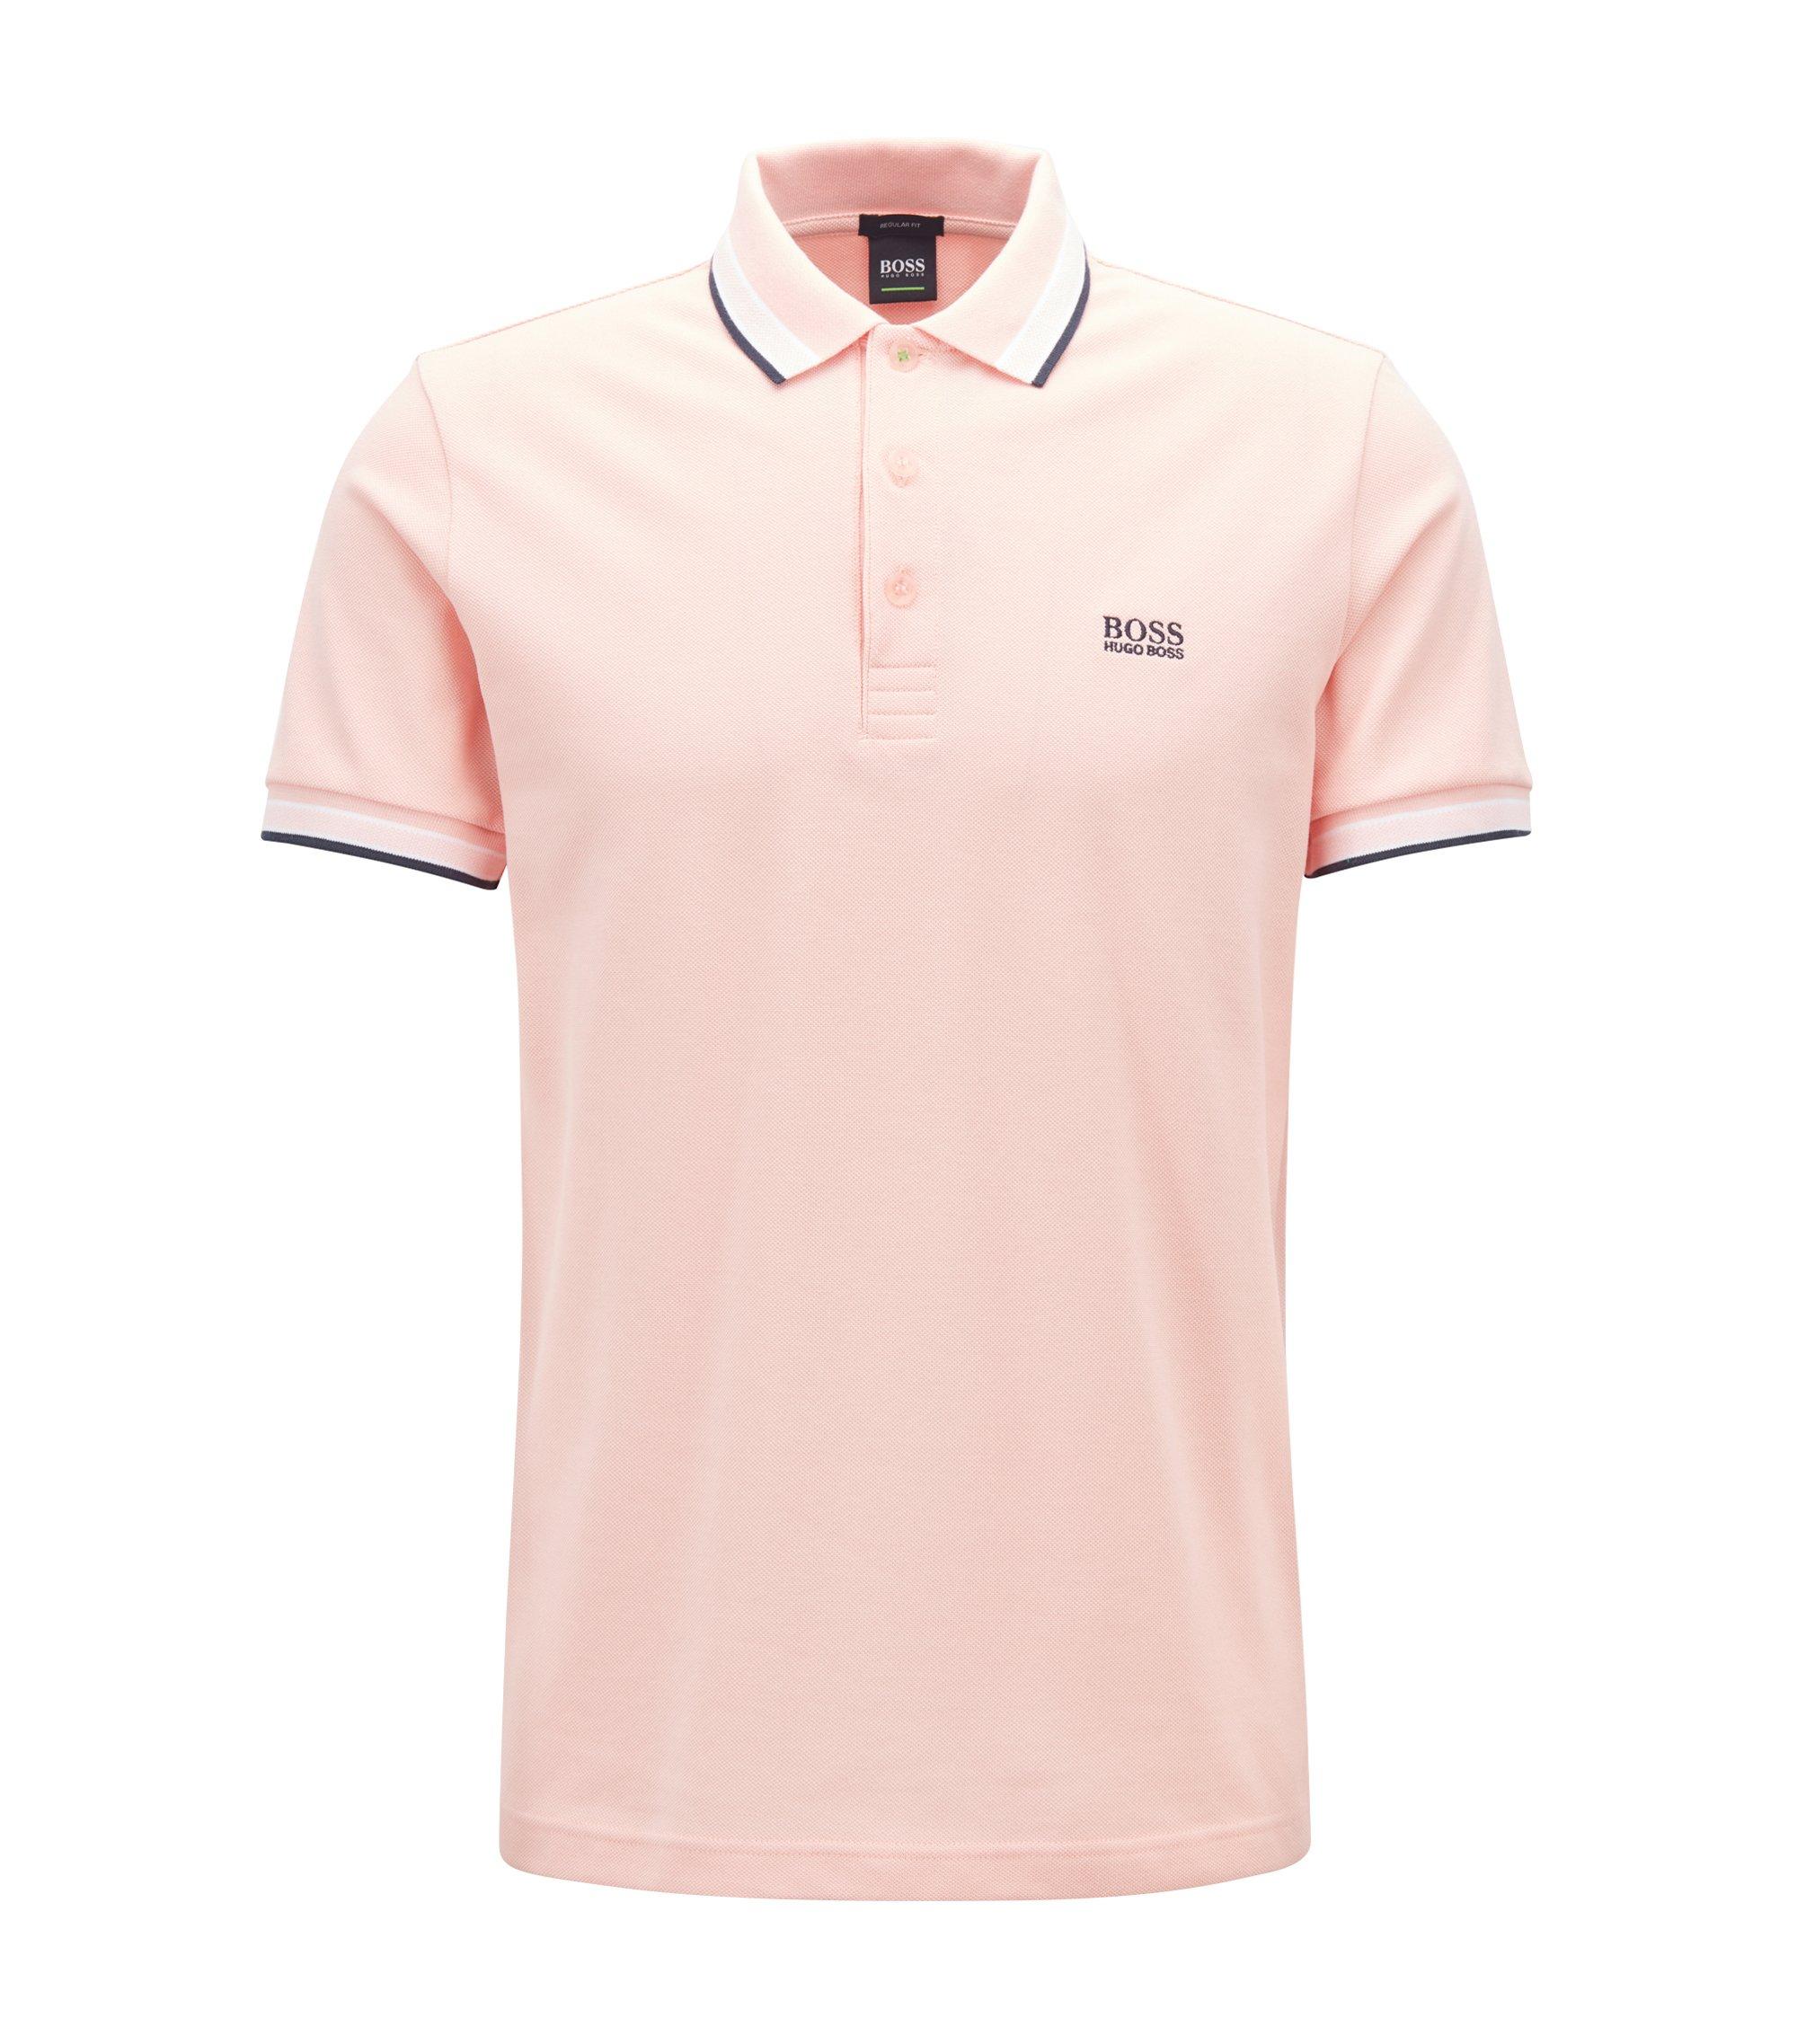 Regular-Fit Poloshirt aus Baumwoll-Piqué, Hellrosa